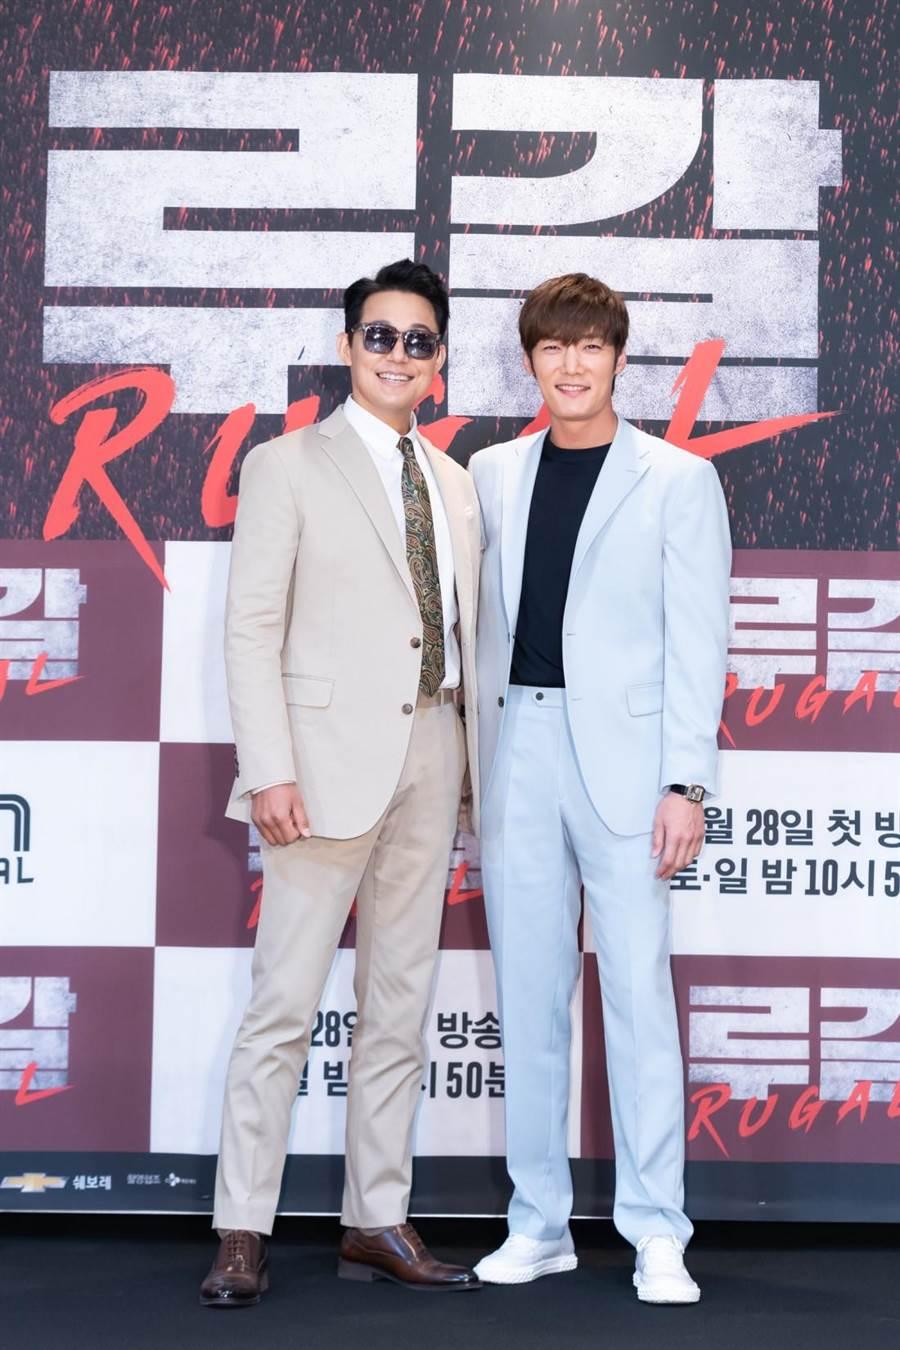 朴誠雄(左)與崔振赫兩人第一次碰面的地點是健身房。(Netflix提供)